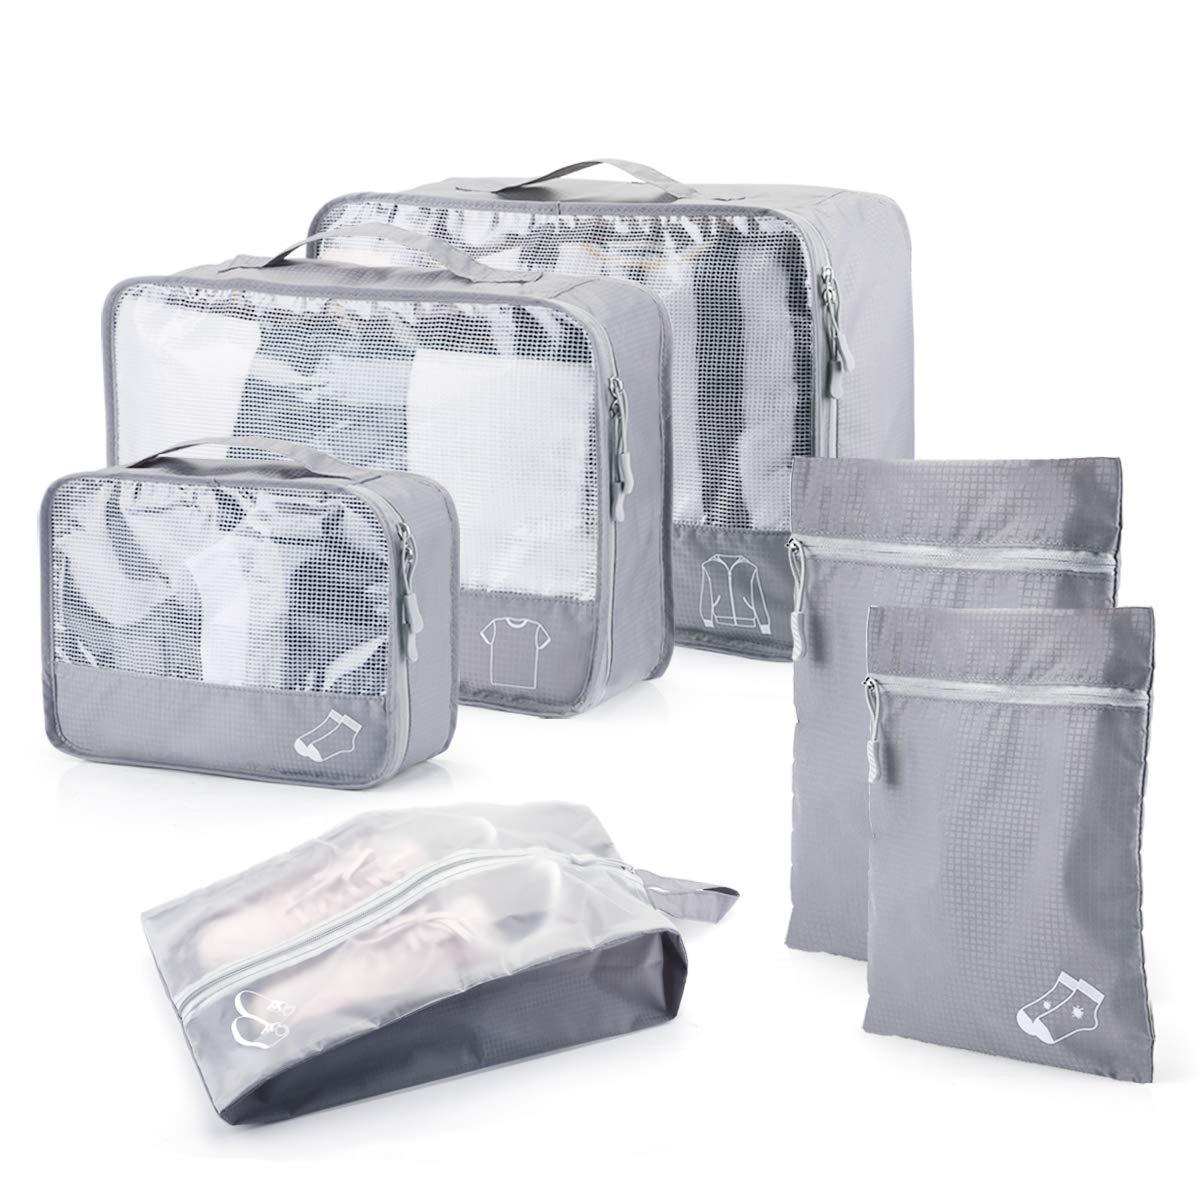 Organisateur de voyage, morpilot 6PCS Organisateur de valise Organisateur de sac avec Tissu imperméable ne se froissant pas Fermeture à glissière robuste